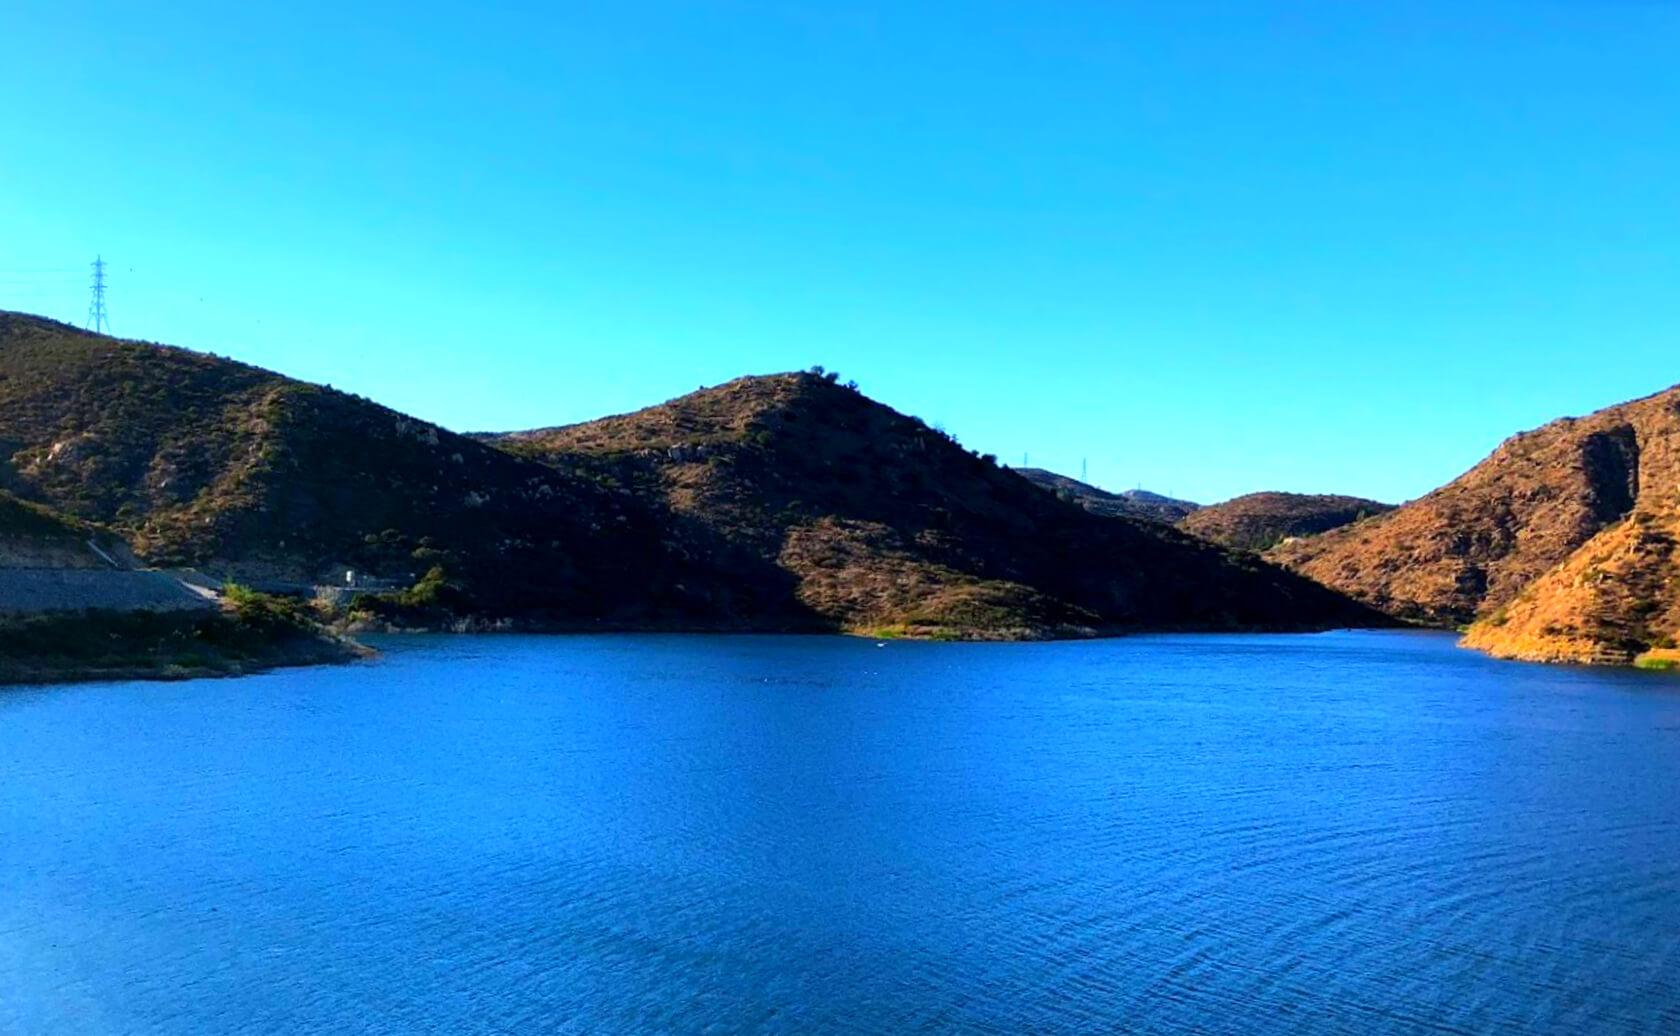 San-Vicente-Lake-Fishing-Guide-Report-California-05